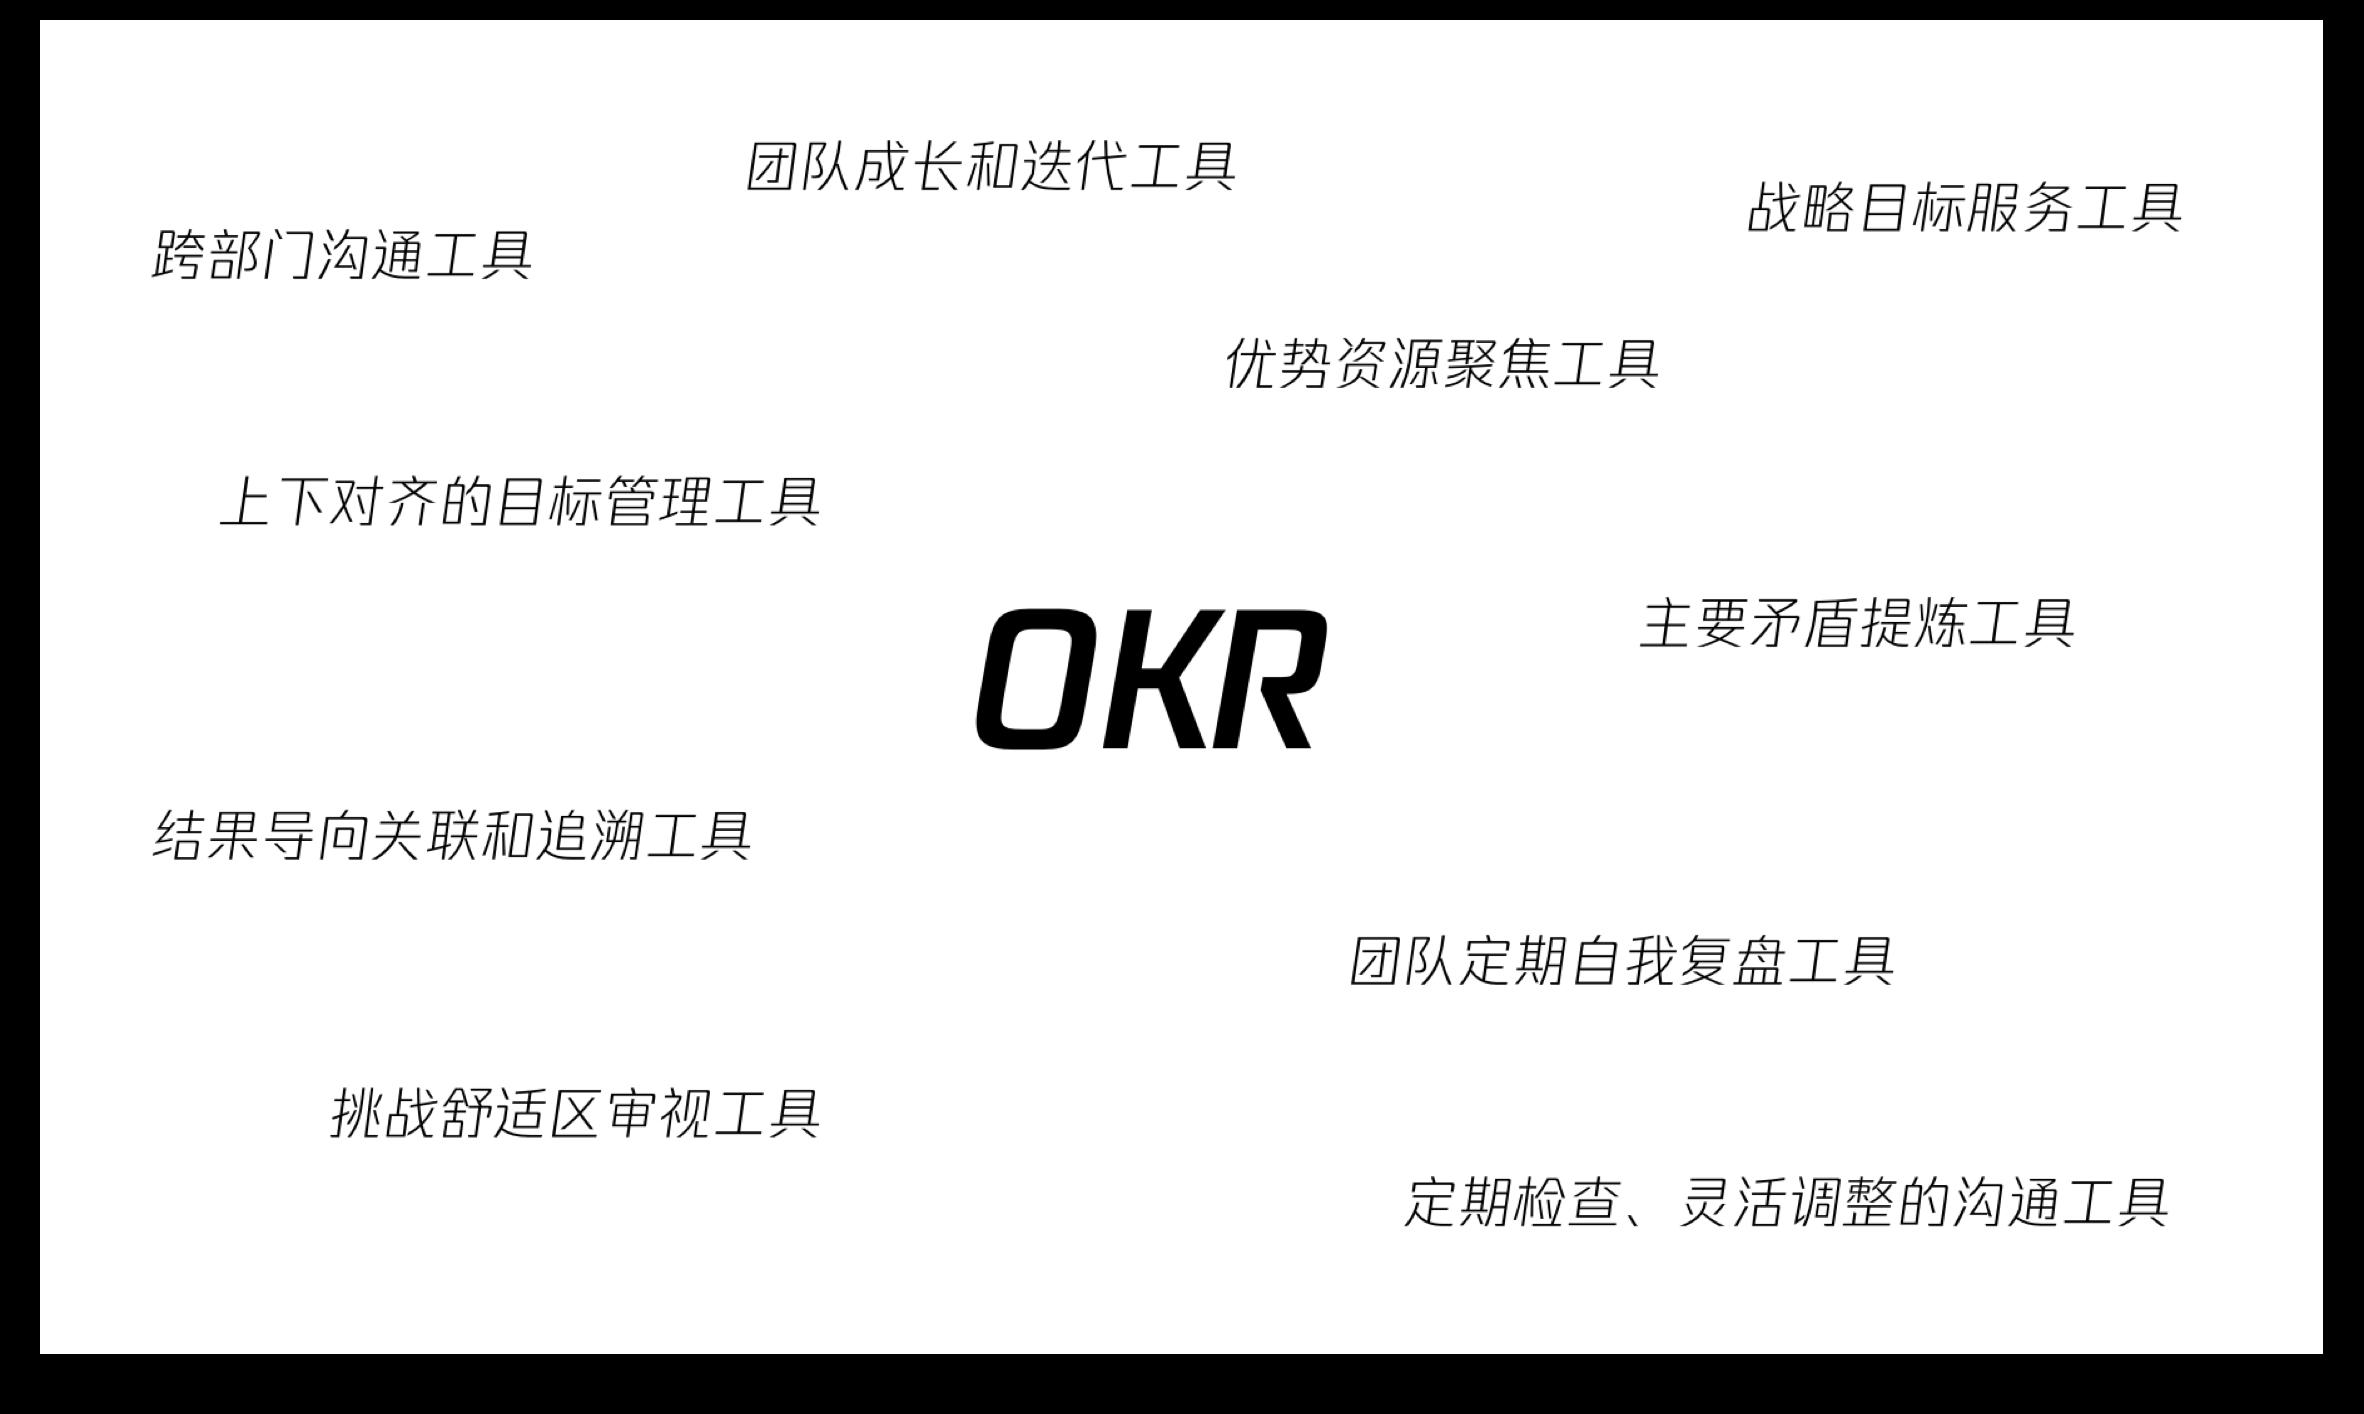 网络上常见的 OKR 定义